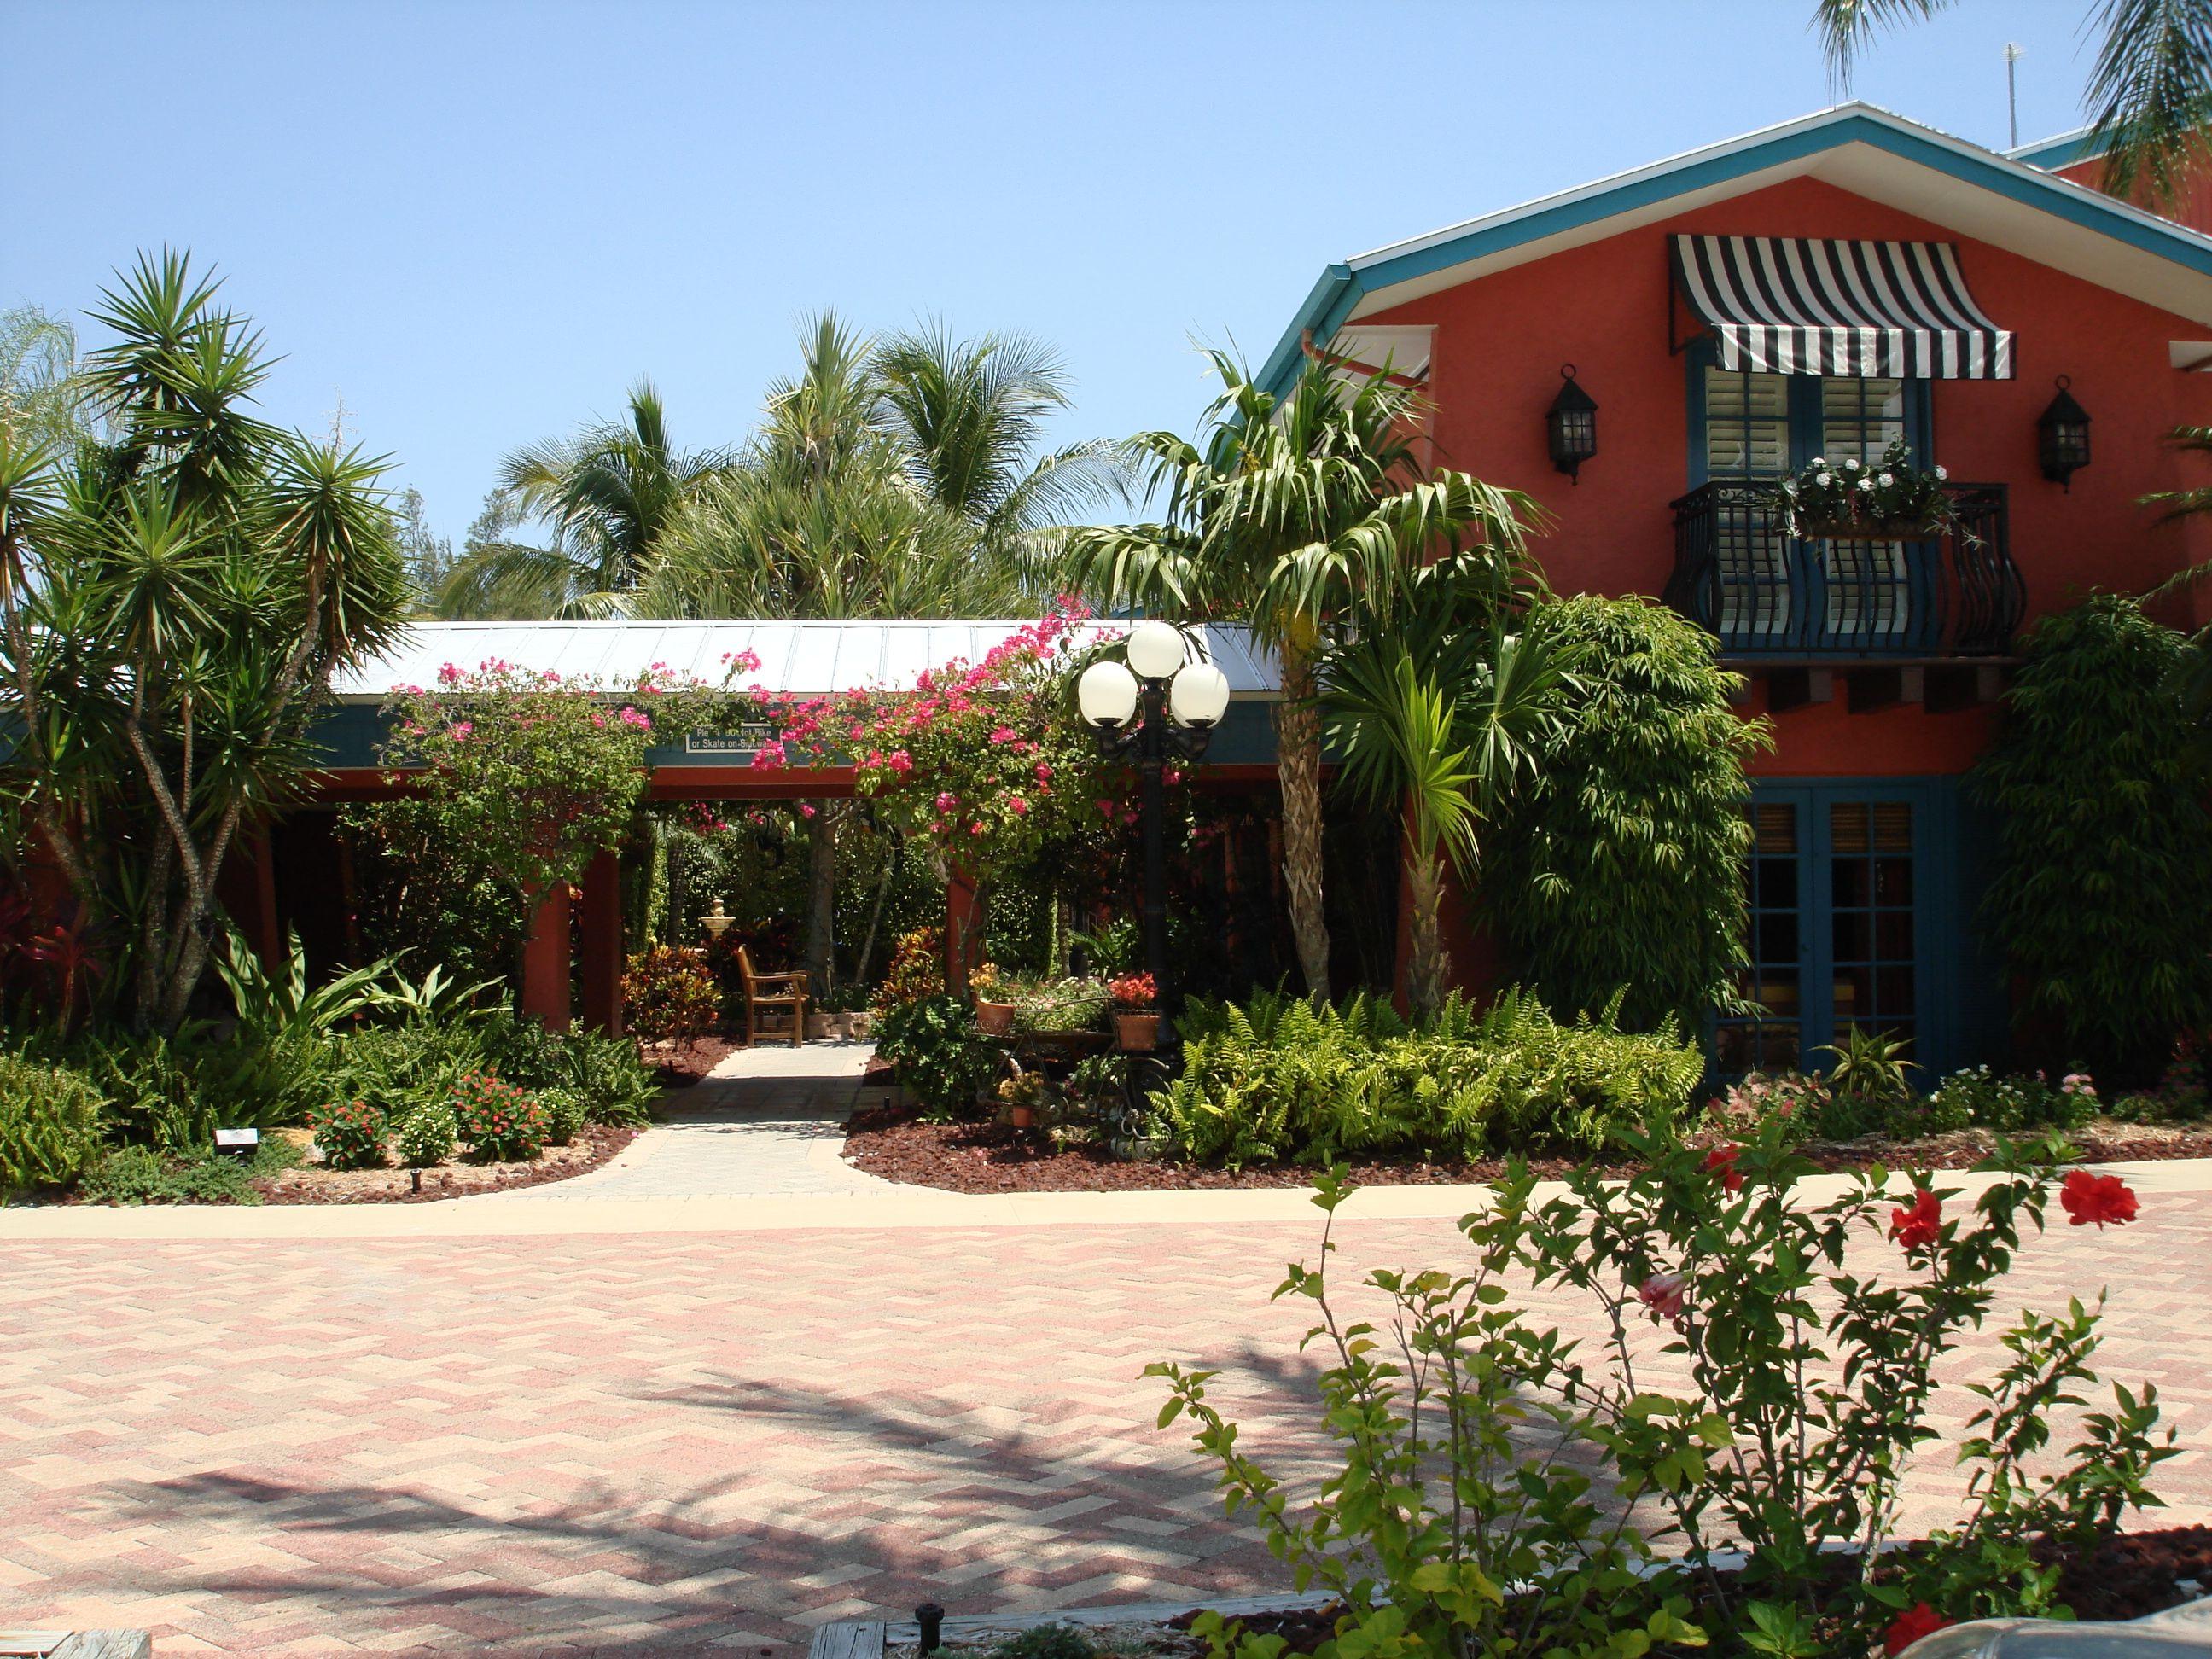 Sanibel Island Holiday Inn Rooms: Holiday Inn Sanibel Island, FL